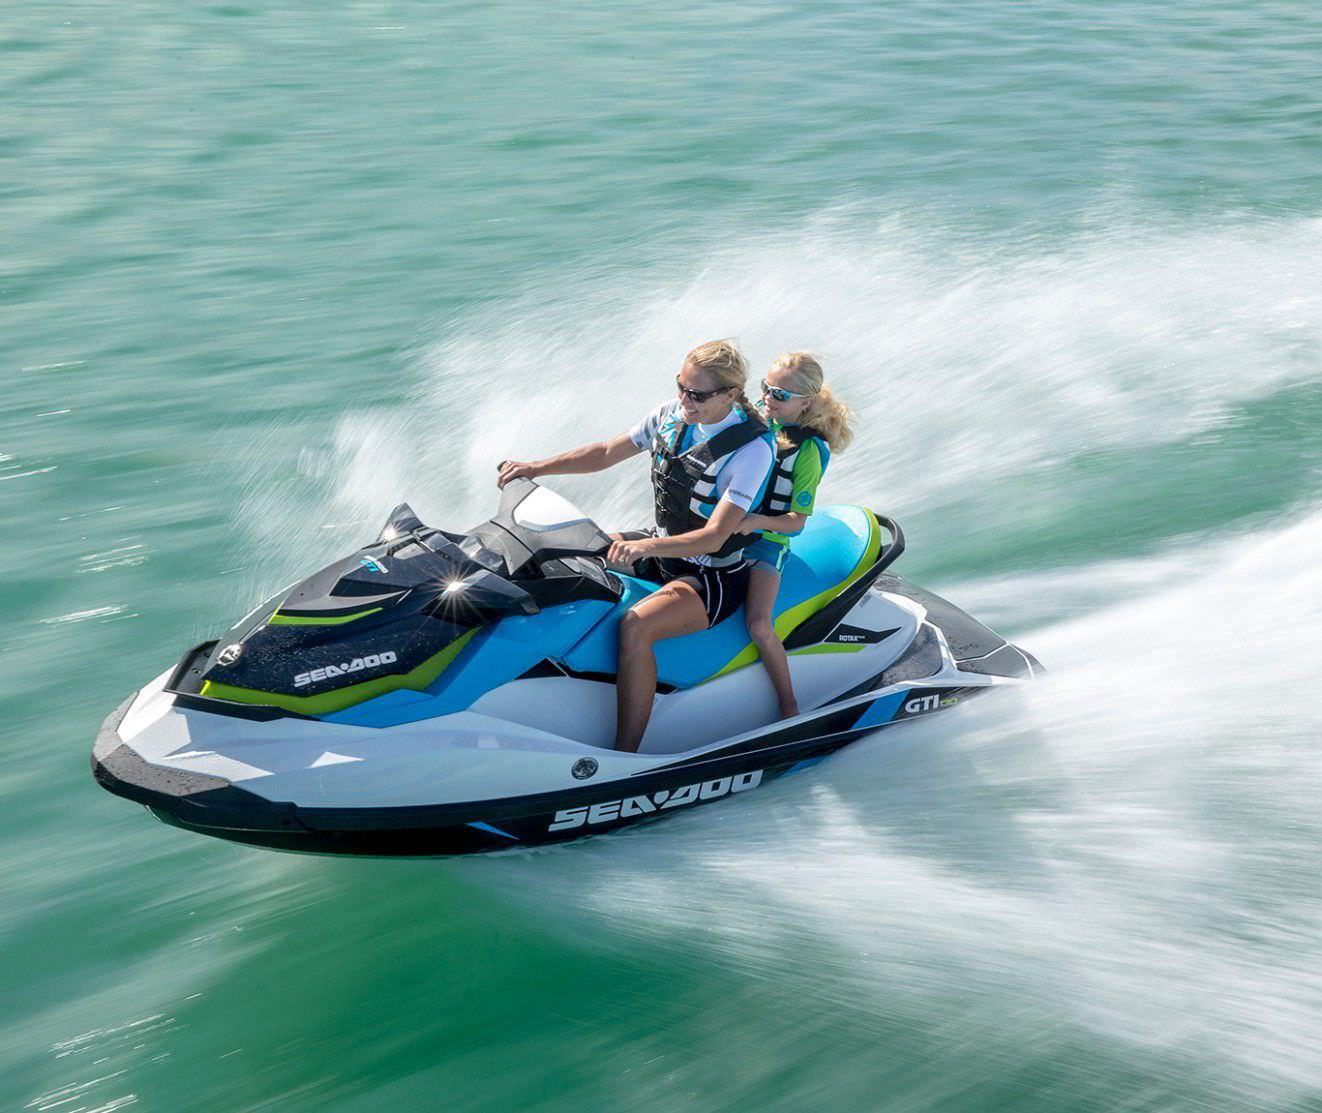 Ski Doo Jet Ski >> Jetski Rental